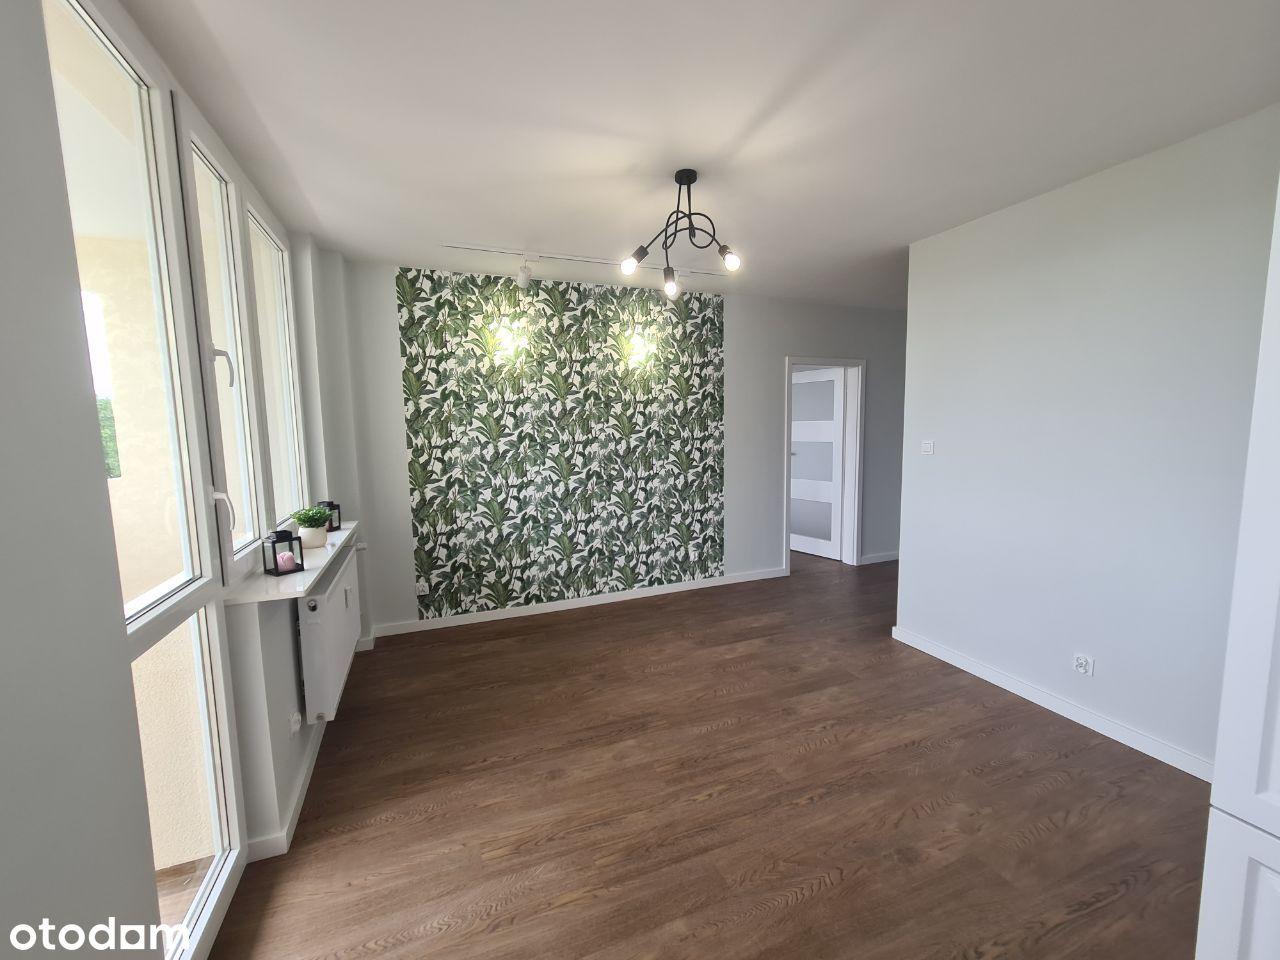 Mieszkanie dwupokojowe Gdańsk-Zaspa , na sprzedaż